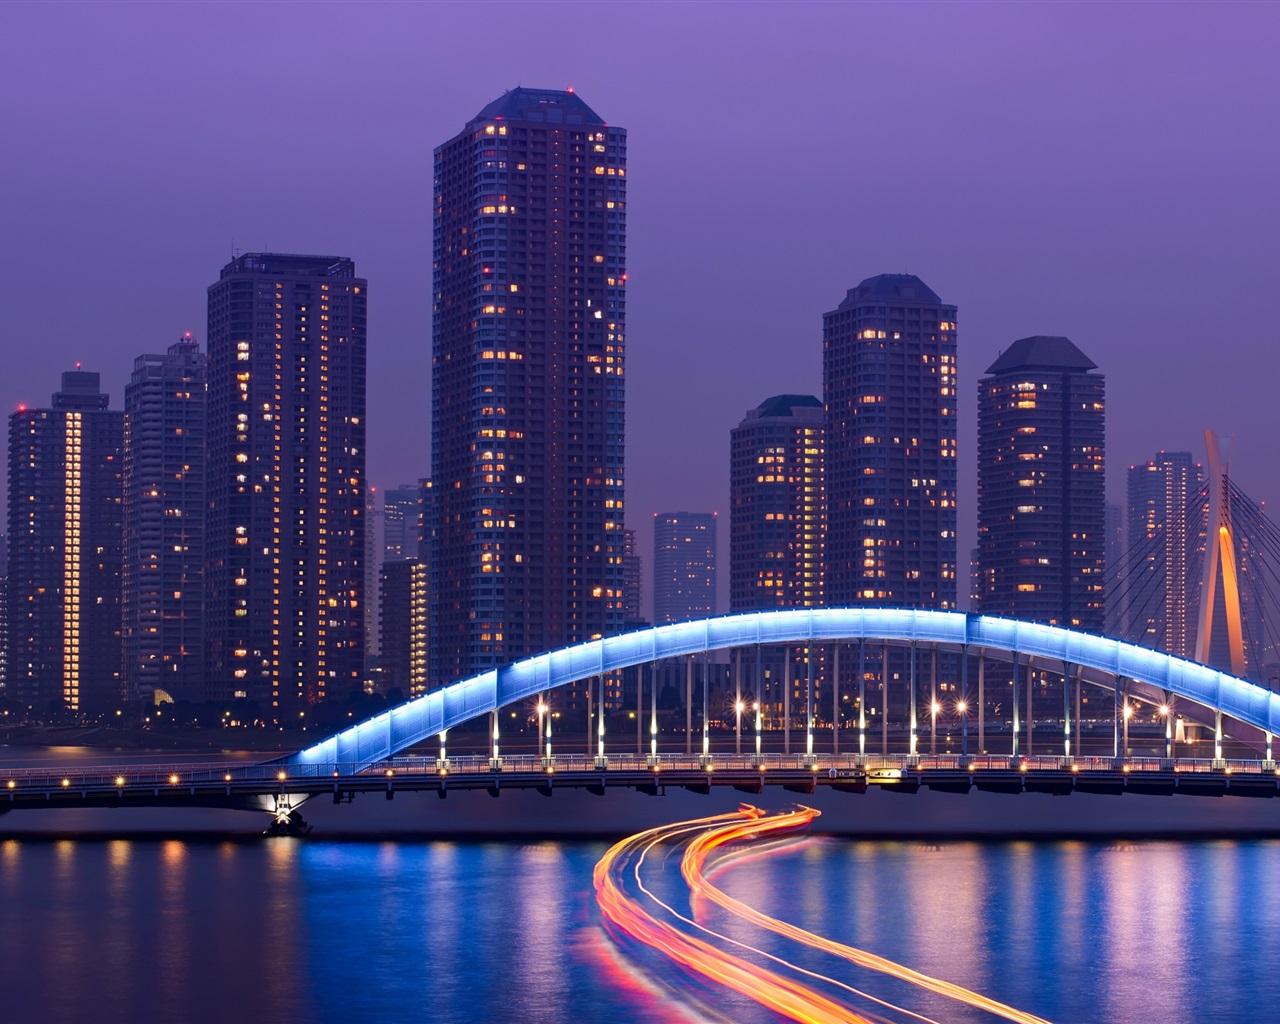 東京、日本、大都市、高層ビル、夜、ライト、橋、川... 東京、日本、大都市、高層ビル、夜、ライト